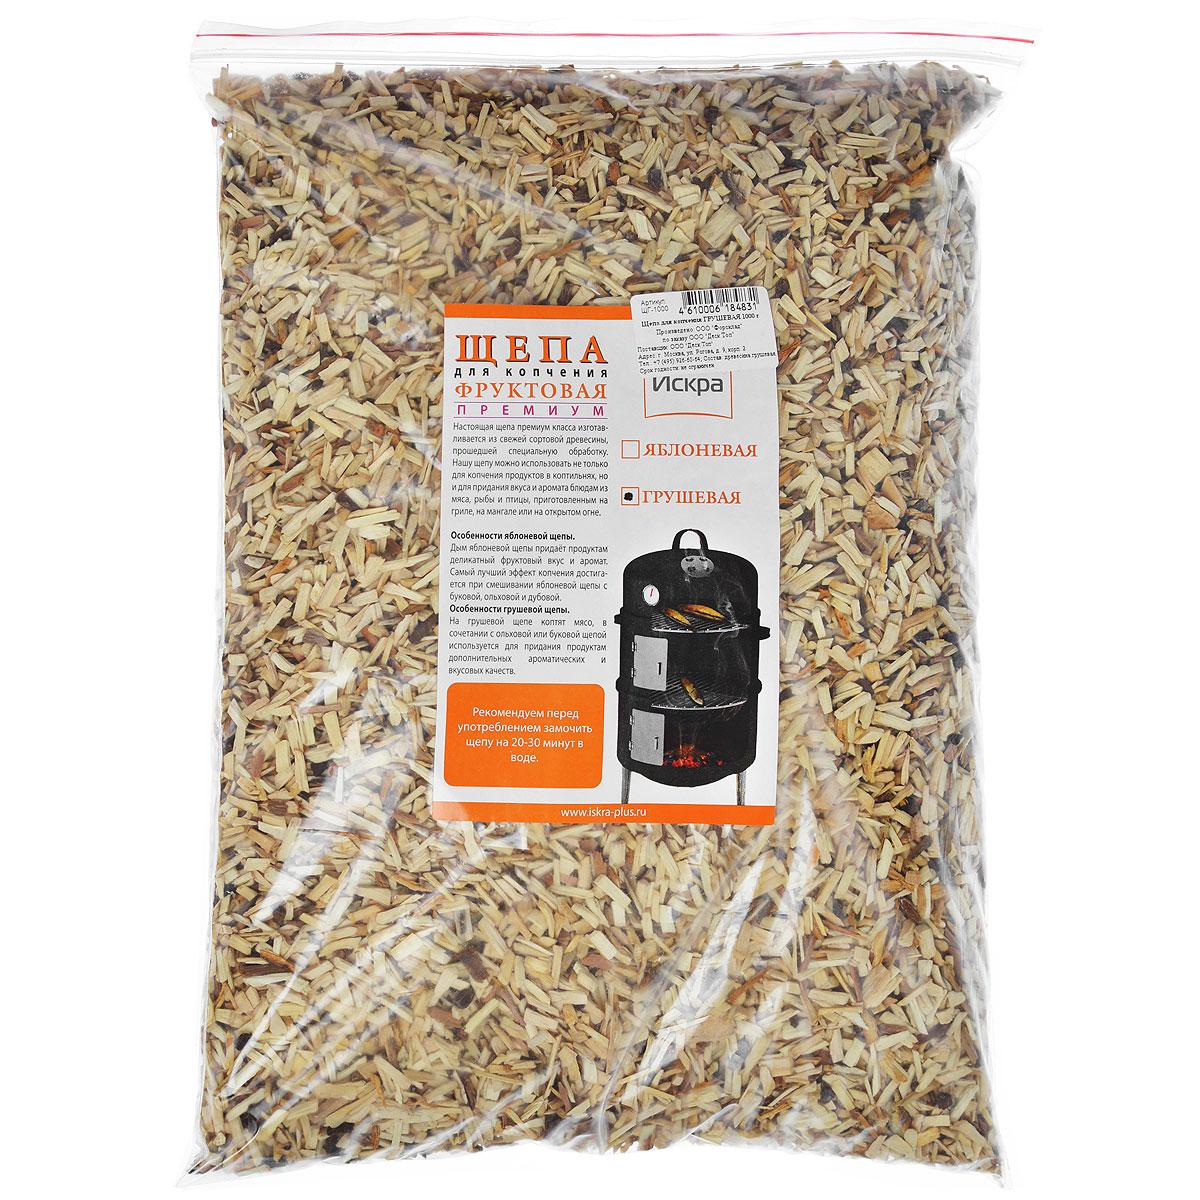 Щепа для копчения Искра Грушевая, 1 кгЩГ-1000Щепа для копчения премиум класса Искра Грушевая, изготовлена из свежей сортовой древесины, прошедшей специальную обработку. Ее можно использовать не только для копчения продуктов в коптильнях, но и для придания вкуса и аромата блюдам из мяса, рыбы и птицы, приготовленным на гриле, мангале или на открытом огне. Рекомендуется перед употреблением замочить щепу на 20-30 минут в воде. Фракция 3-8 мм; Влажность 15-20%. <br Вес: 1 кг.